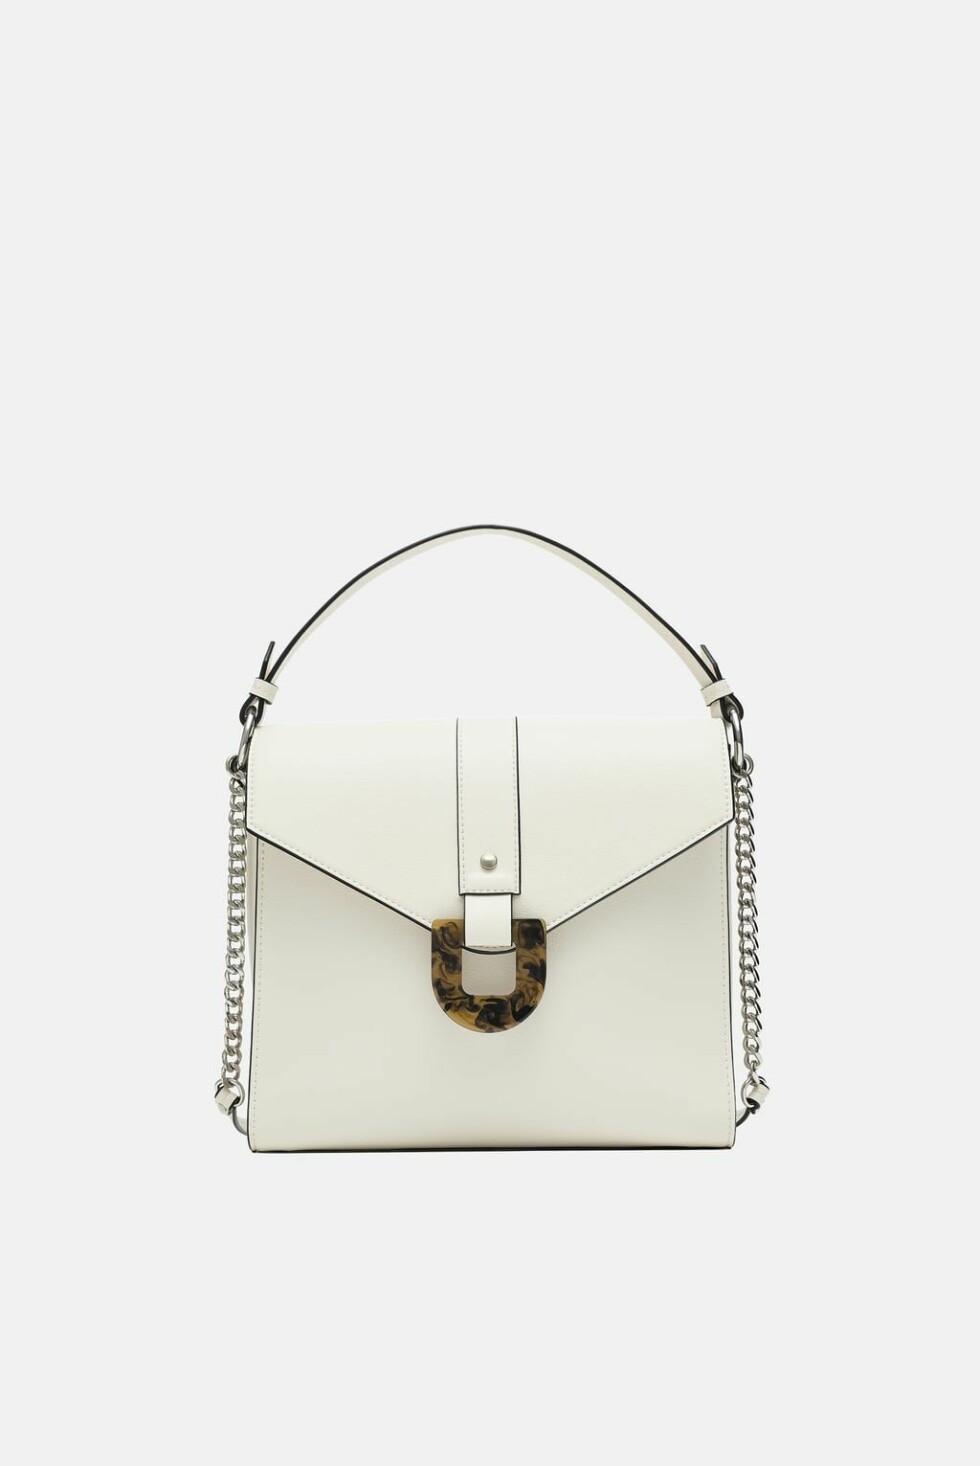 <strong>Veske fra Zara |199,-| https:</strong>//www.zara.com/no/no/poseveske-med-skilpaddem%C3%B8nstret-detalj-p17355304.html?v1=6778054&v2=1074708